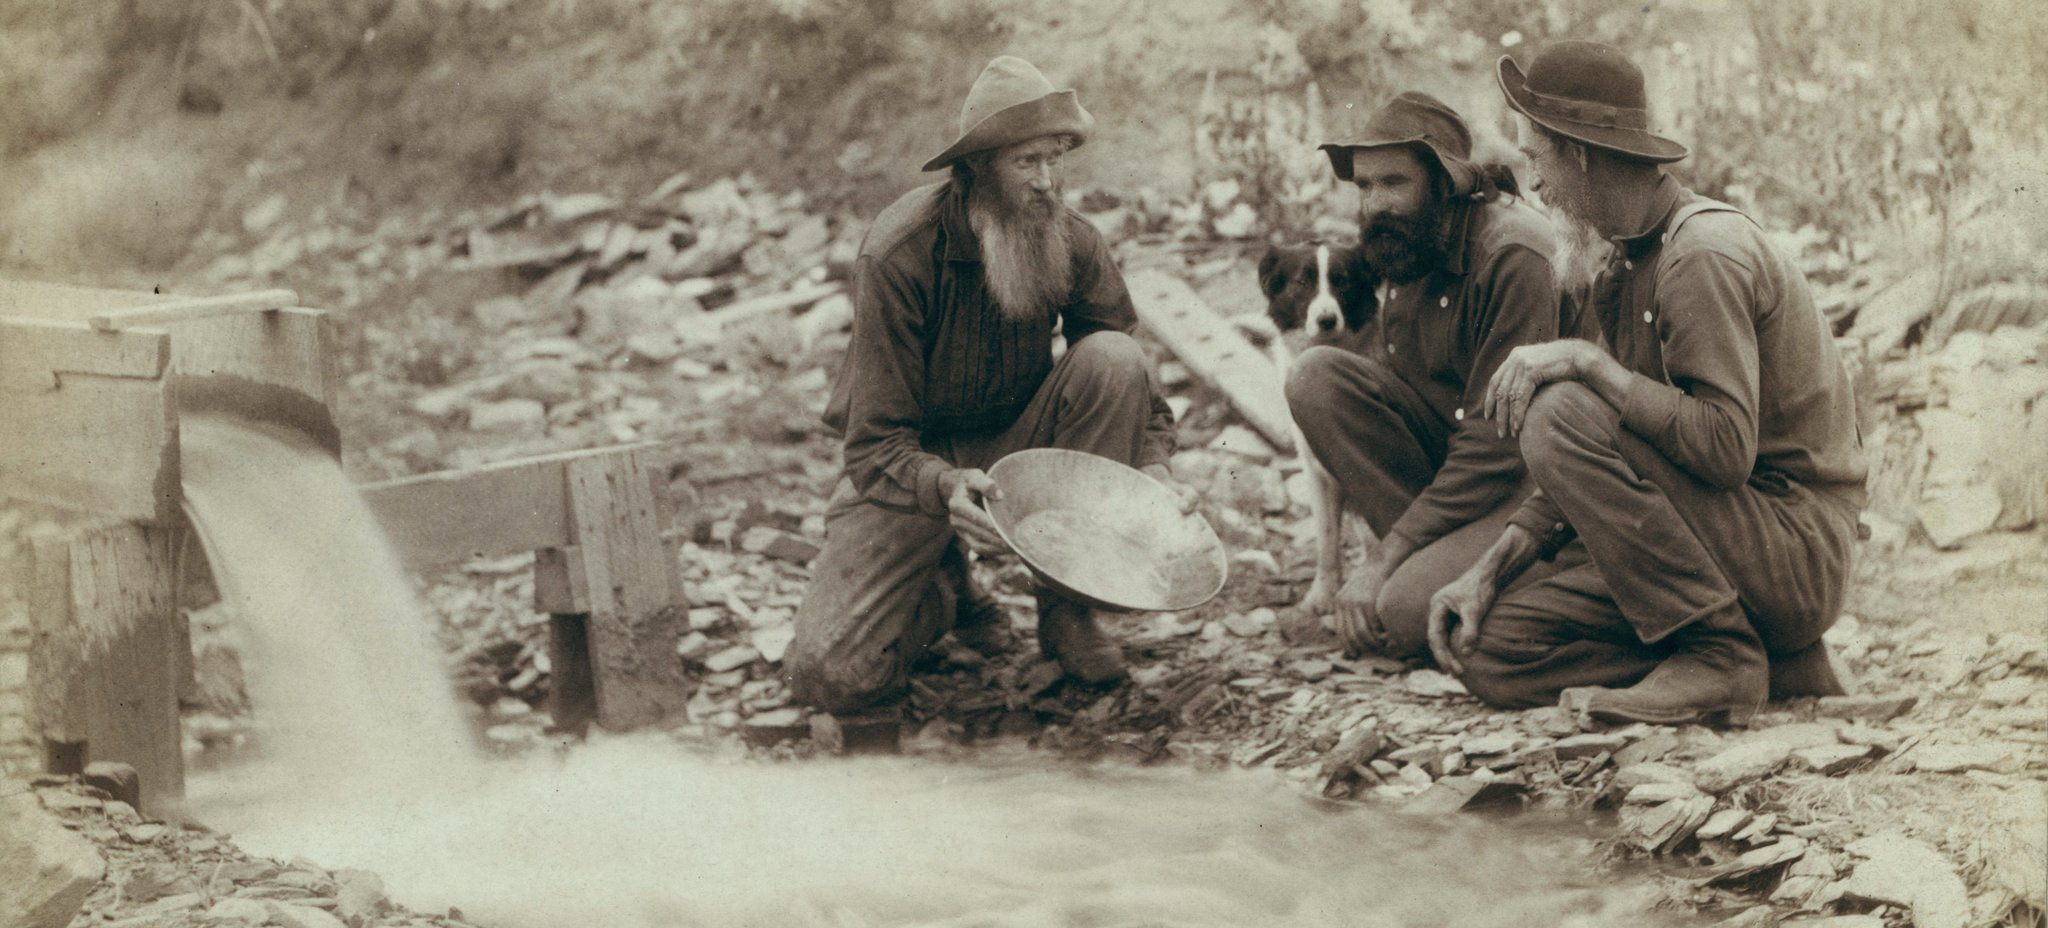 Amerykańscy poszukiwacze złota Amerykańscy poszukiwacze złota Źródło: domena publiczna.